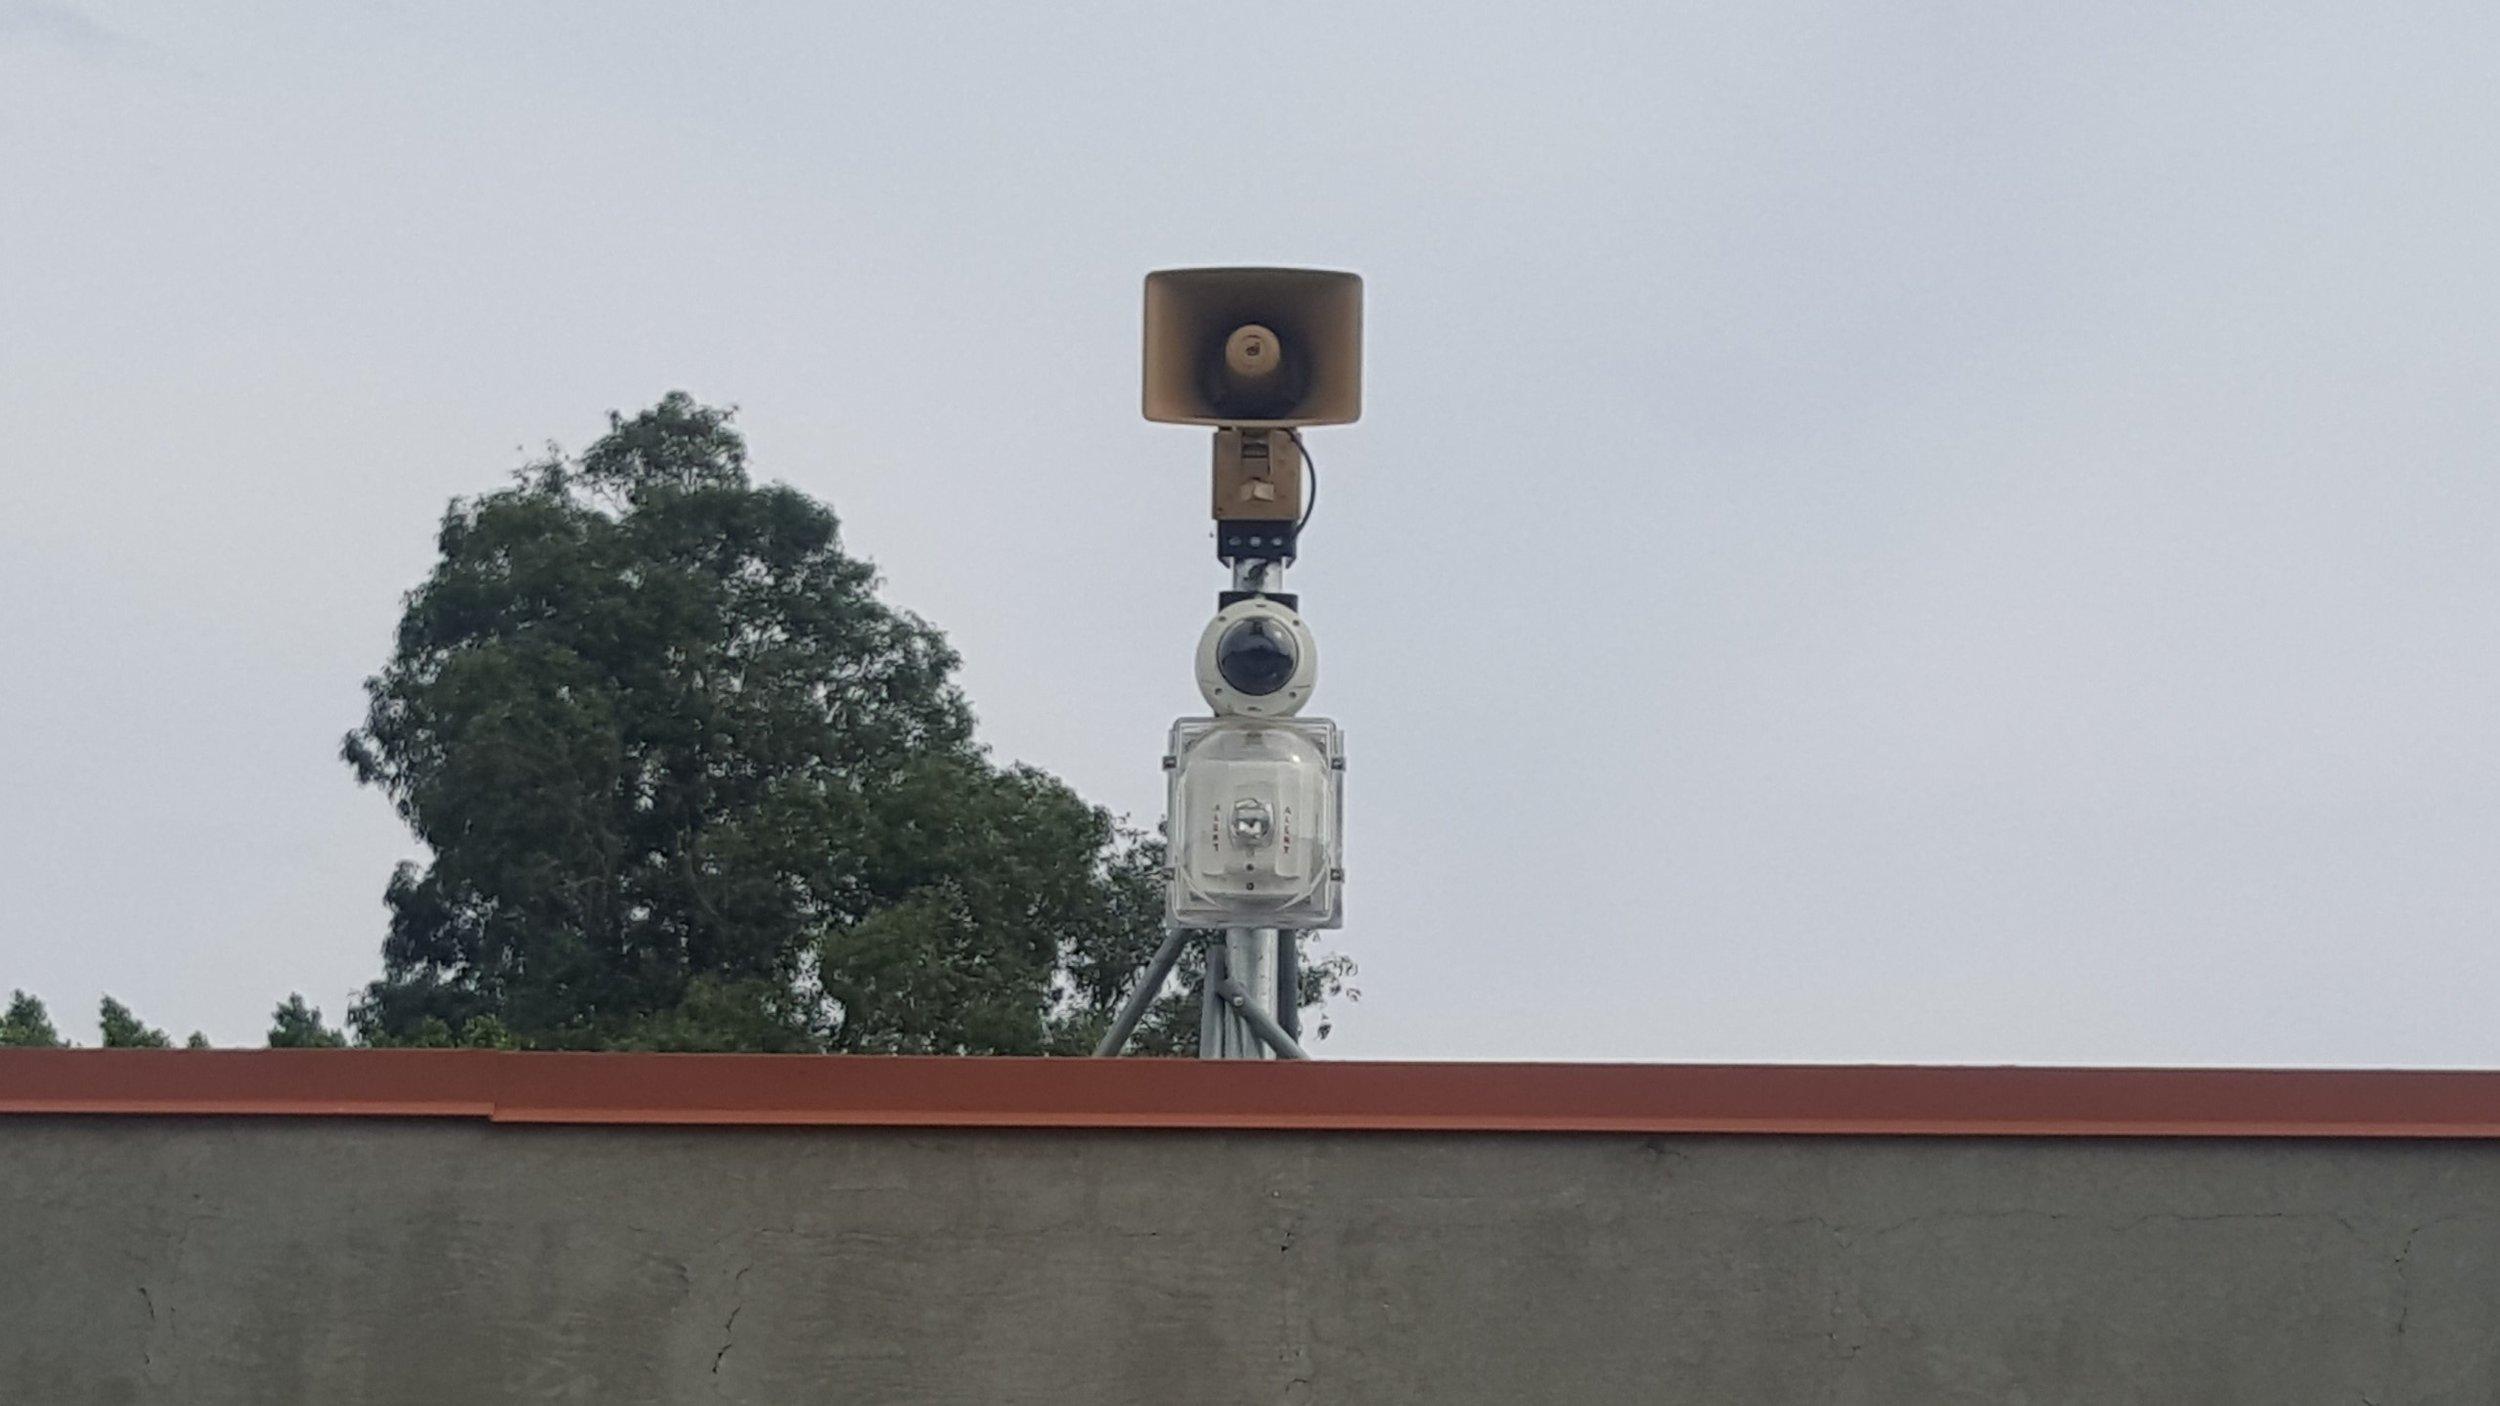 Outdoor camera installation